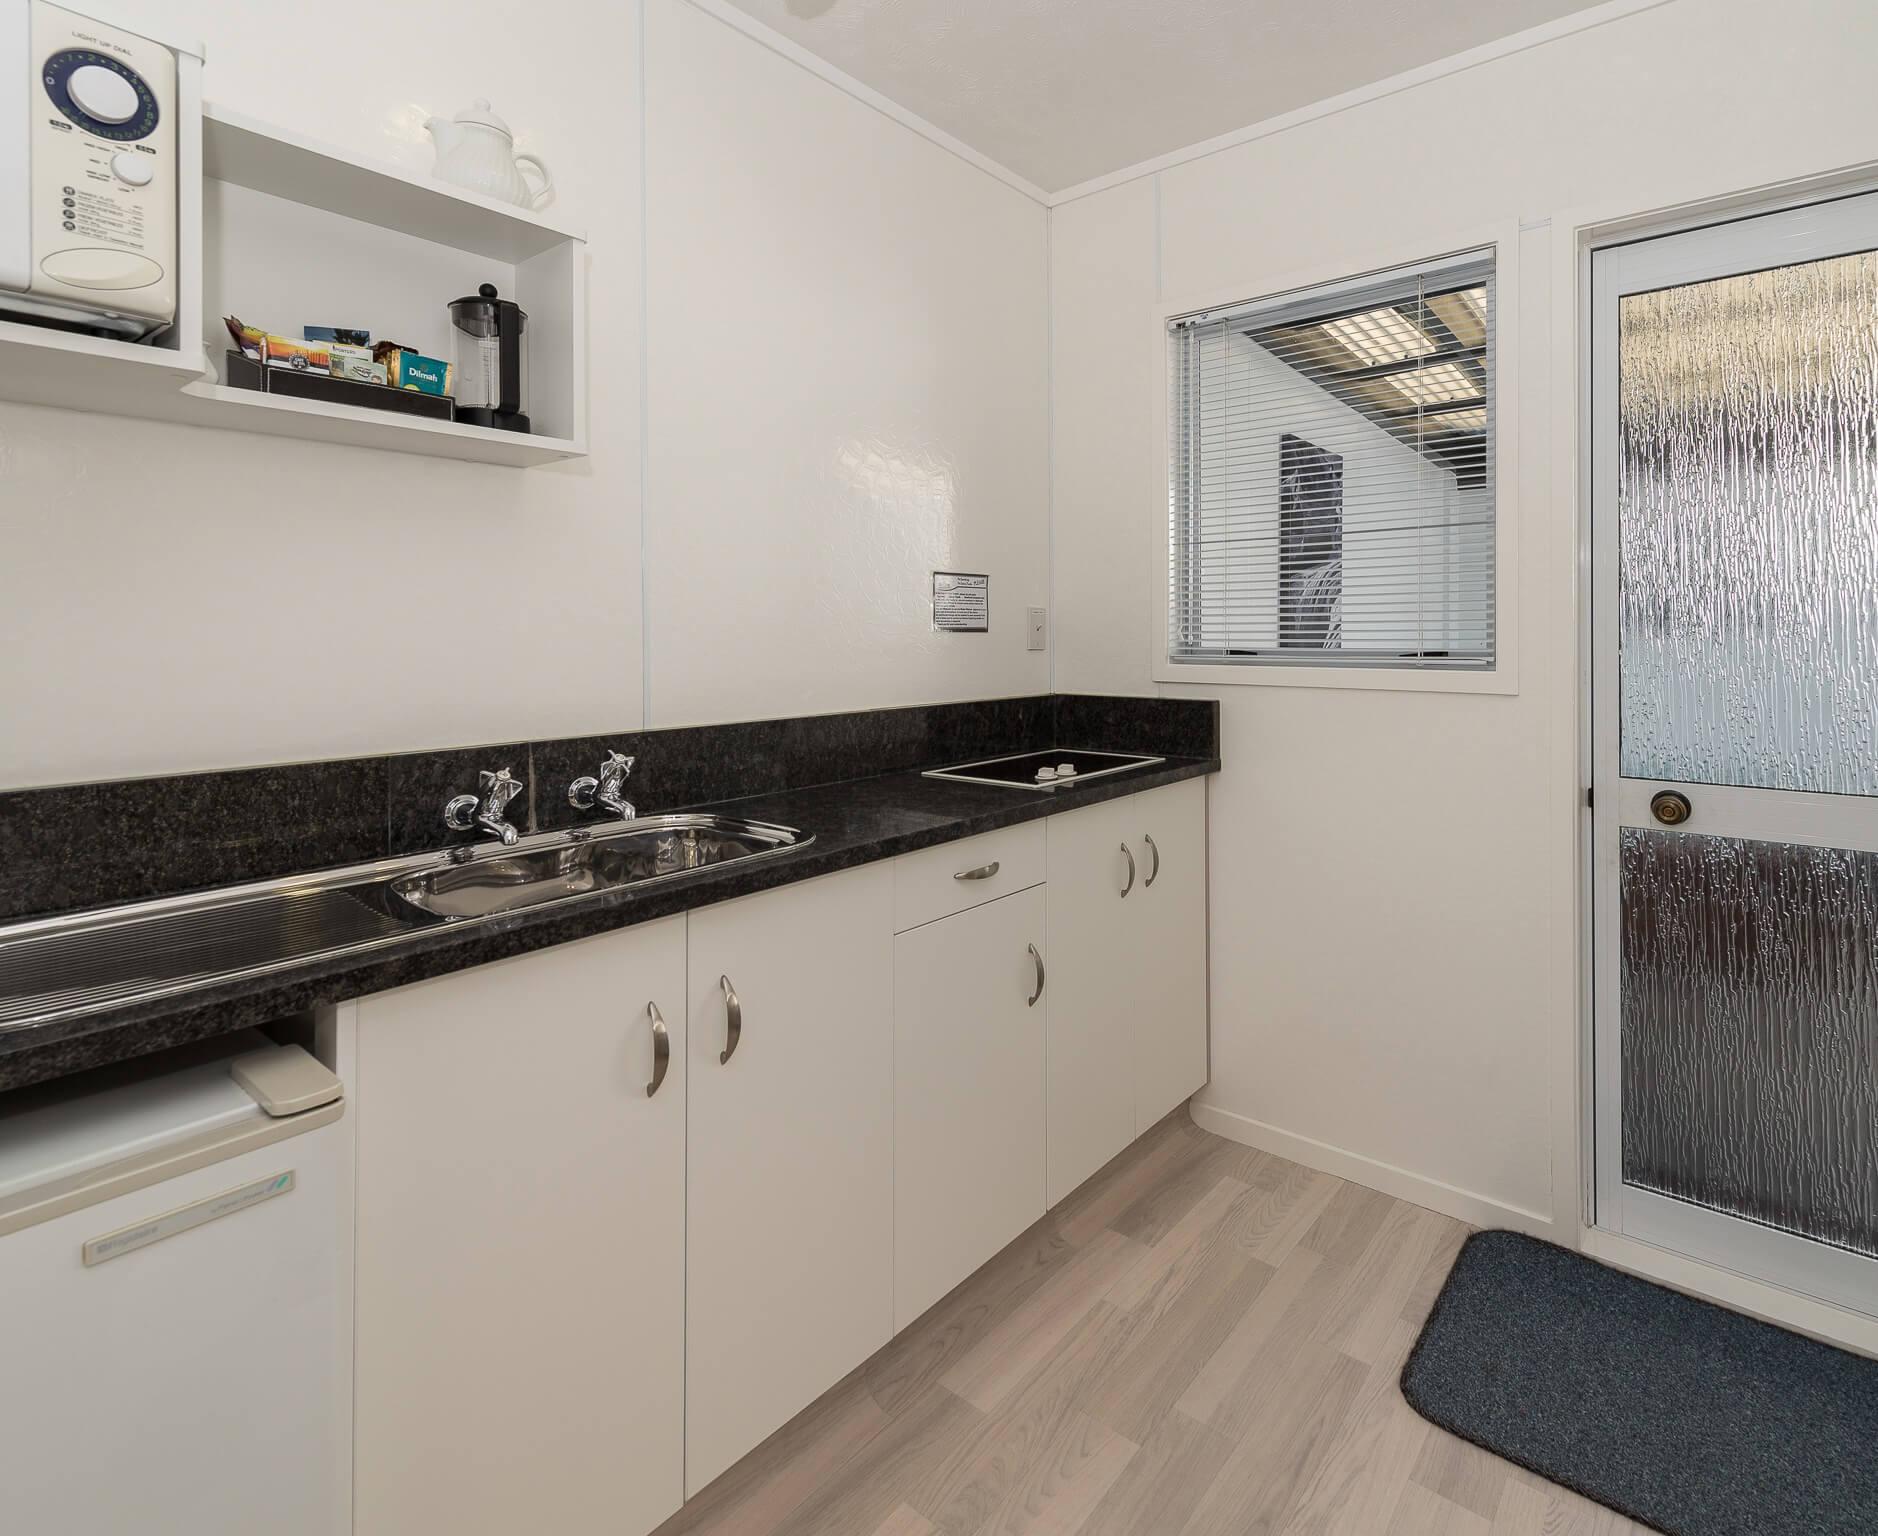 Kitchen View - Unit 4 Twin Studio Unit | Palm Court Rotorua